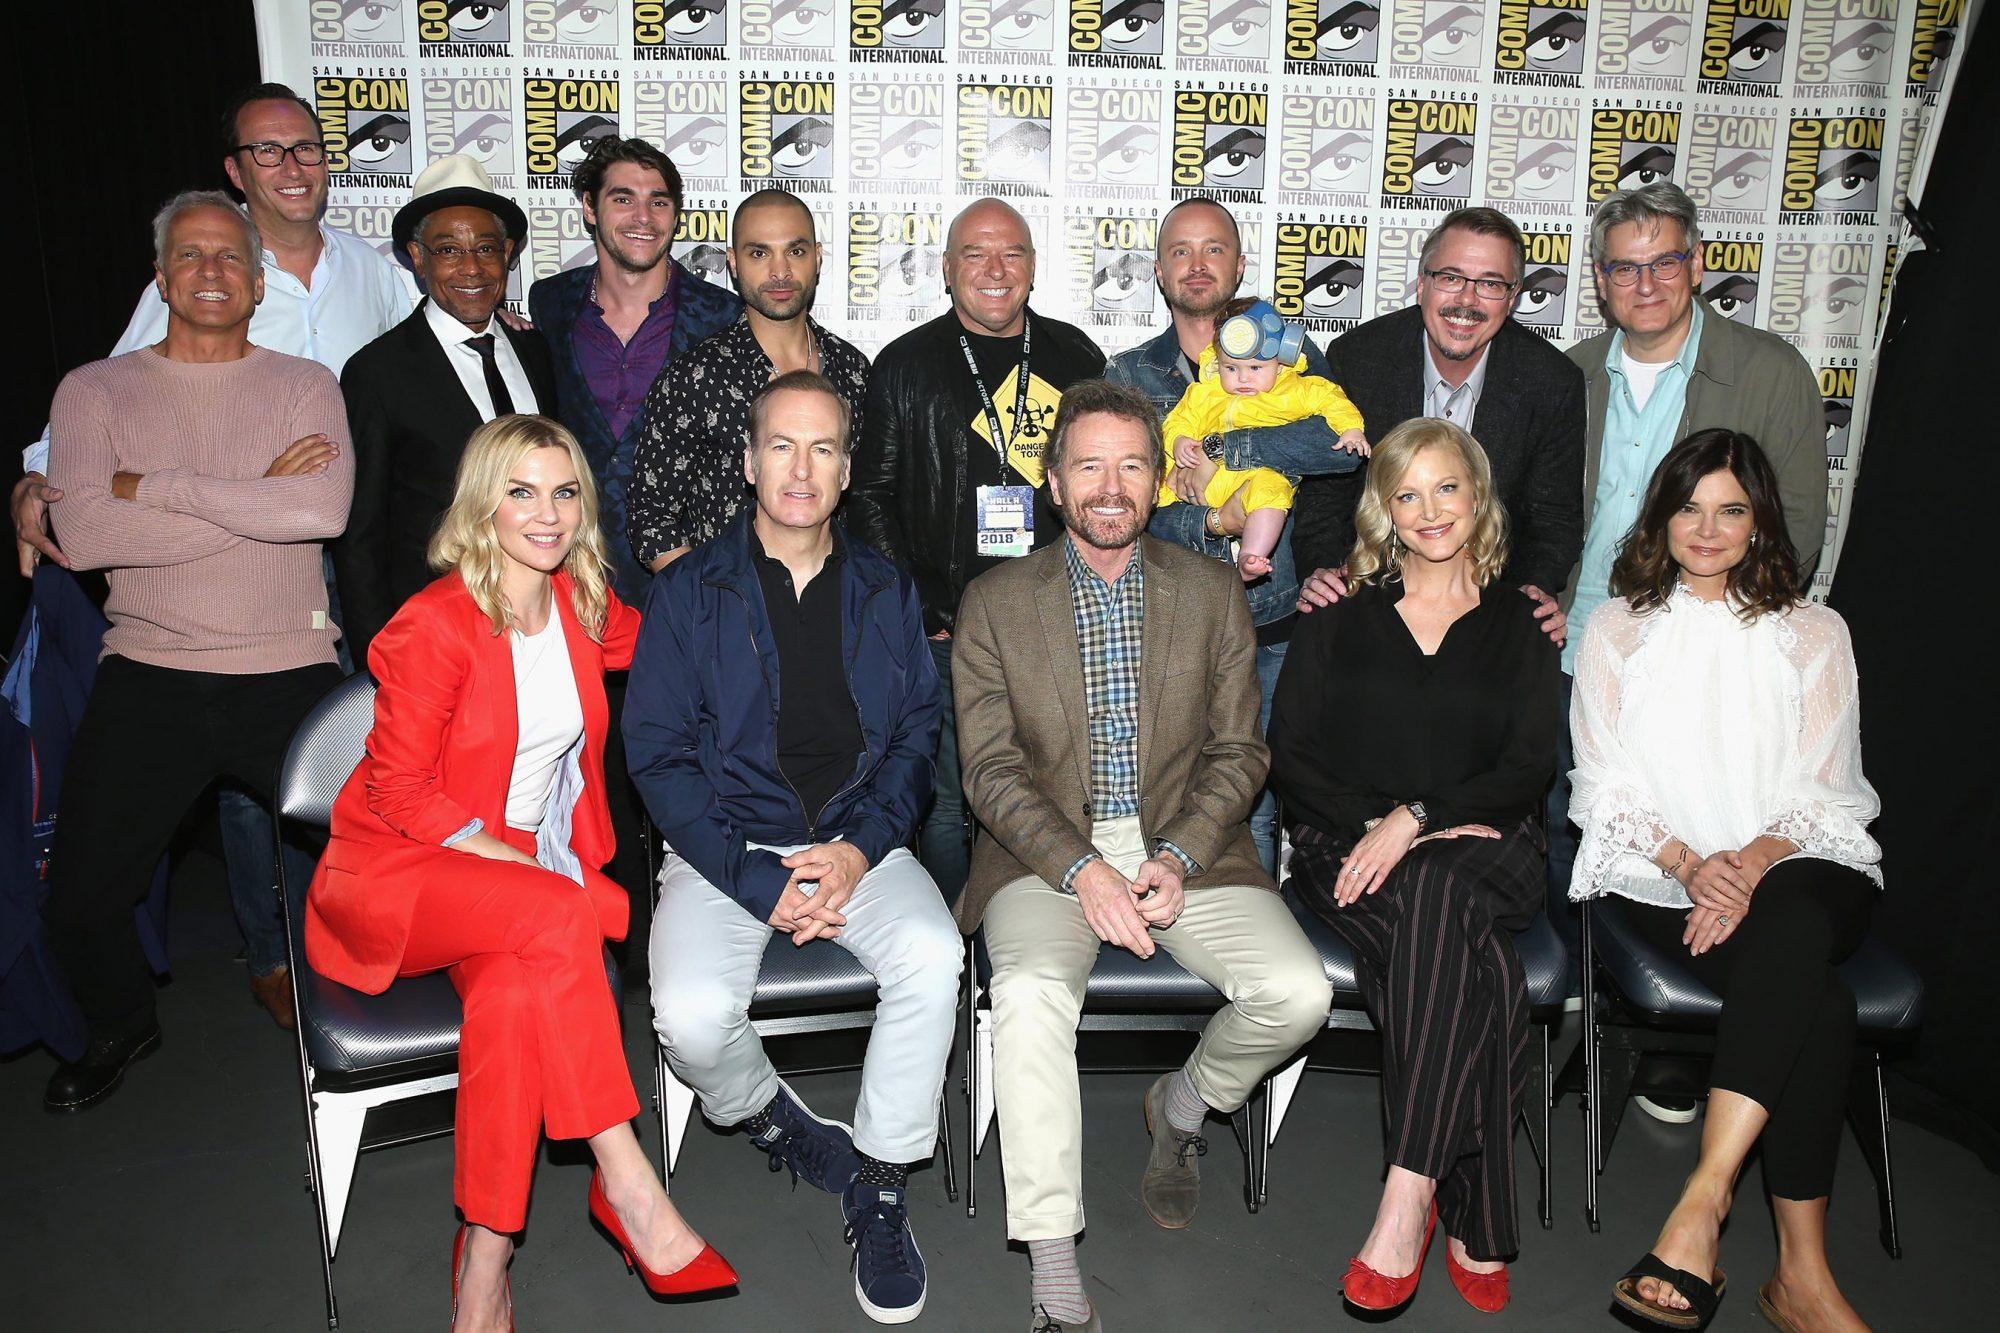 AMC At Comic-Con 2018 - Day 1